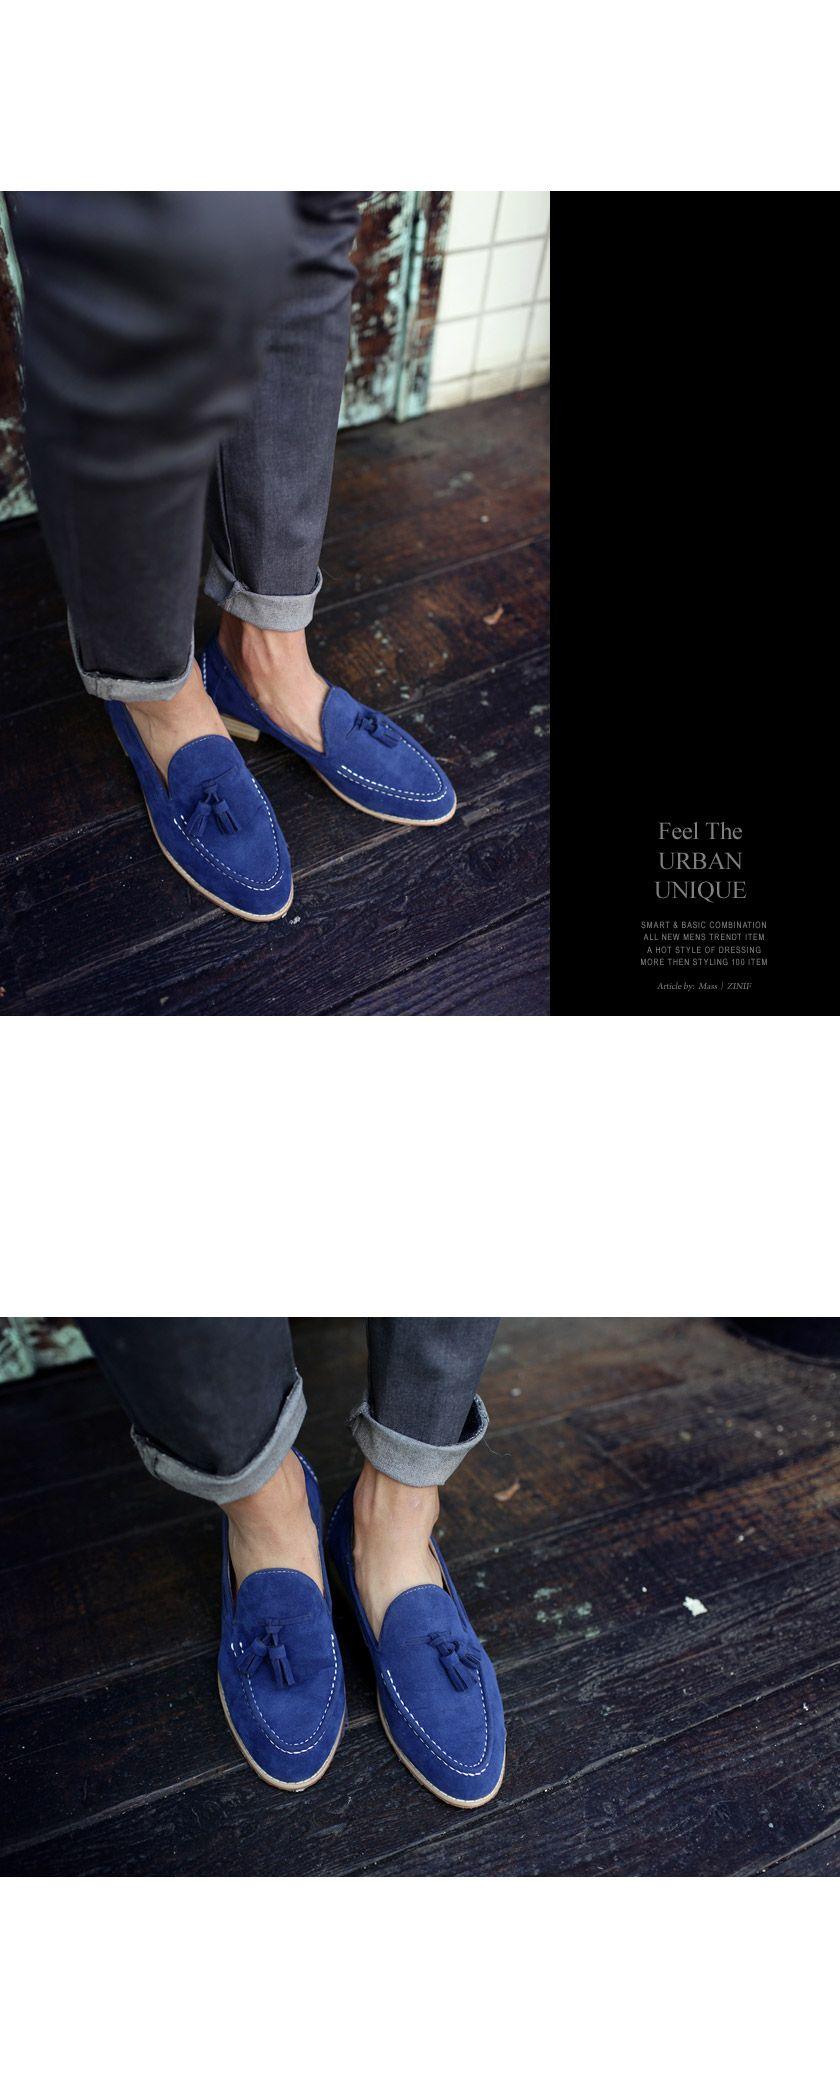 [DHOLICMENS:ディーホリックメンズ]メンズファッション通販 最新トレンドのシューズ|カーディガン|トップス|シャツ|パンツ|小物|ストール]